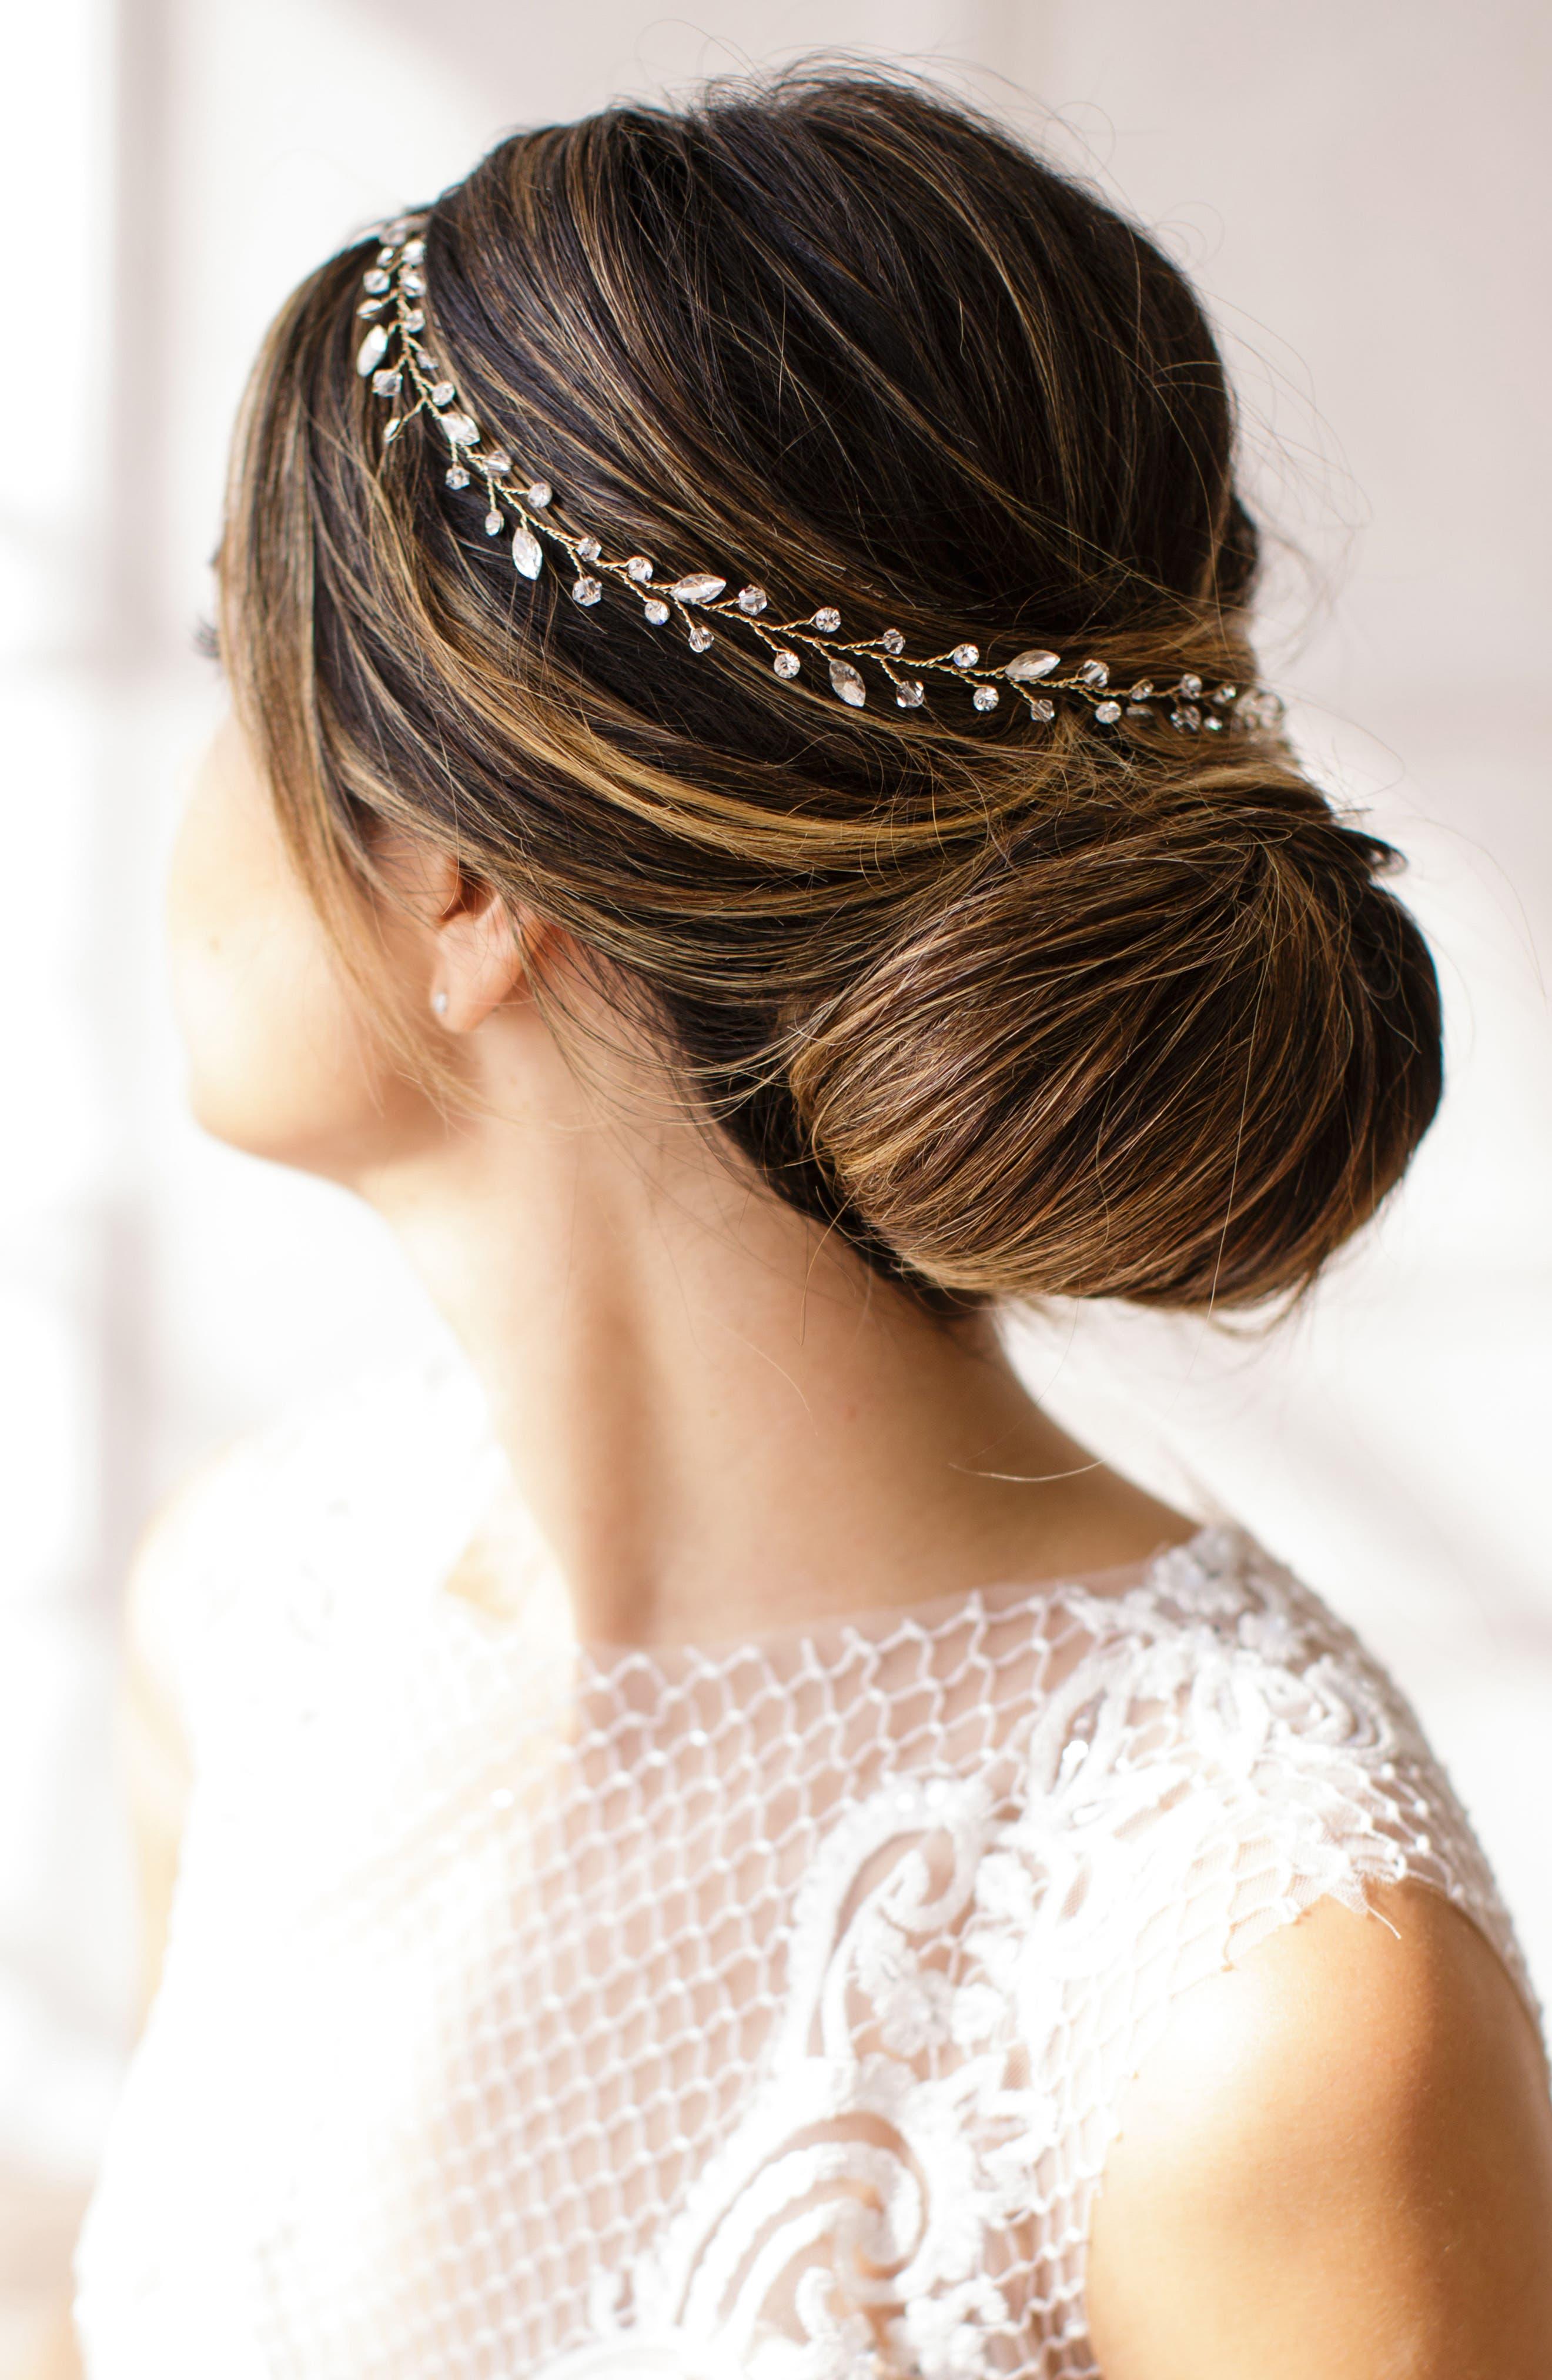 Main Image - Brides & Hairpins Lucina Crystal Halo & Sash